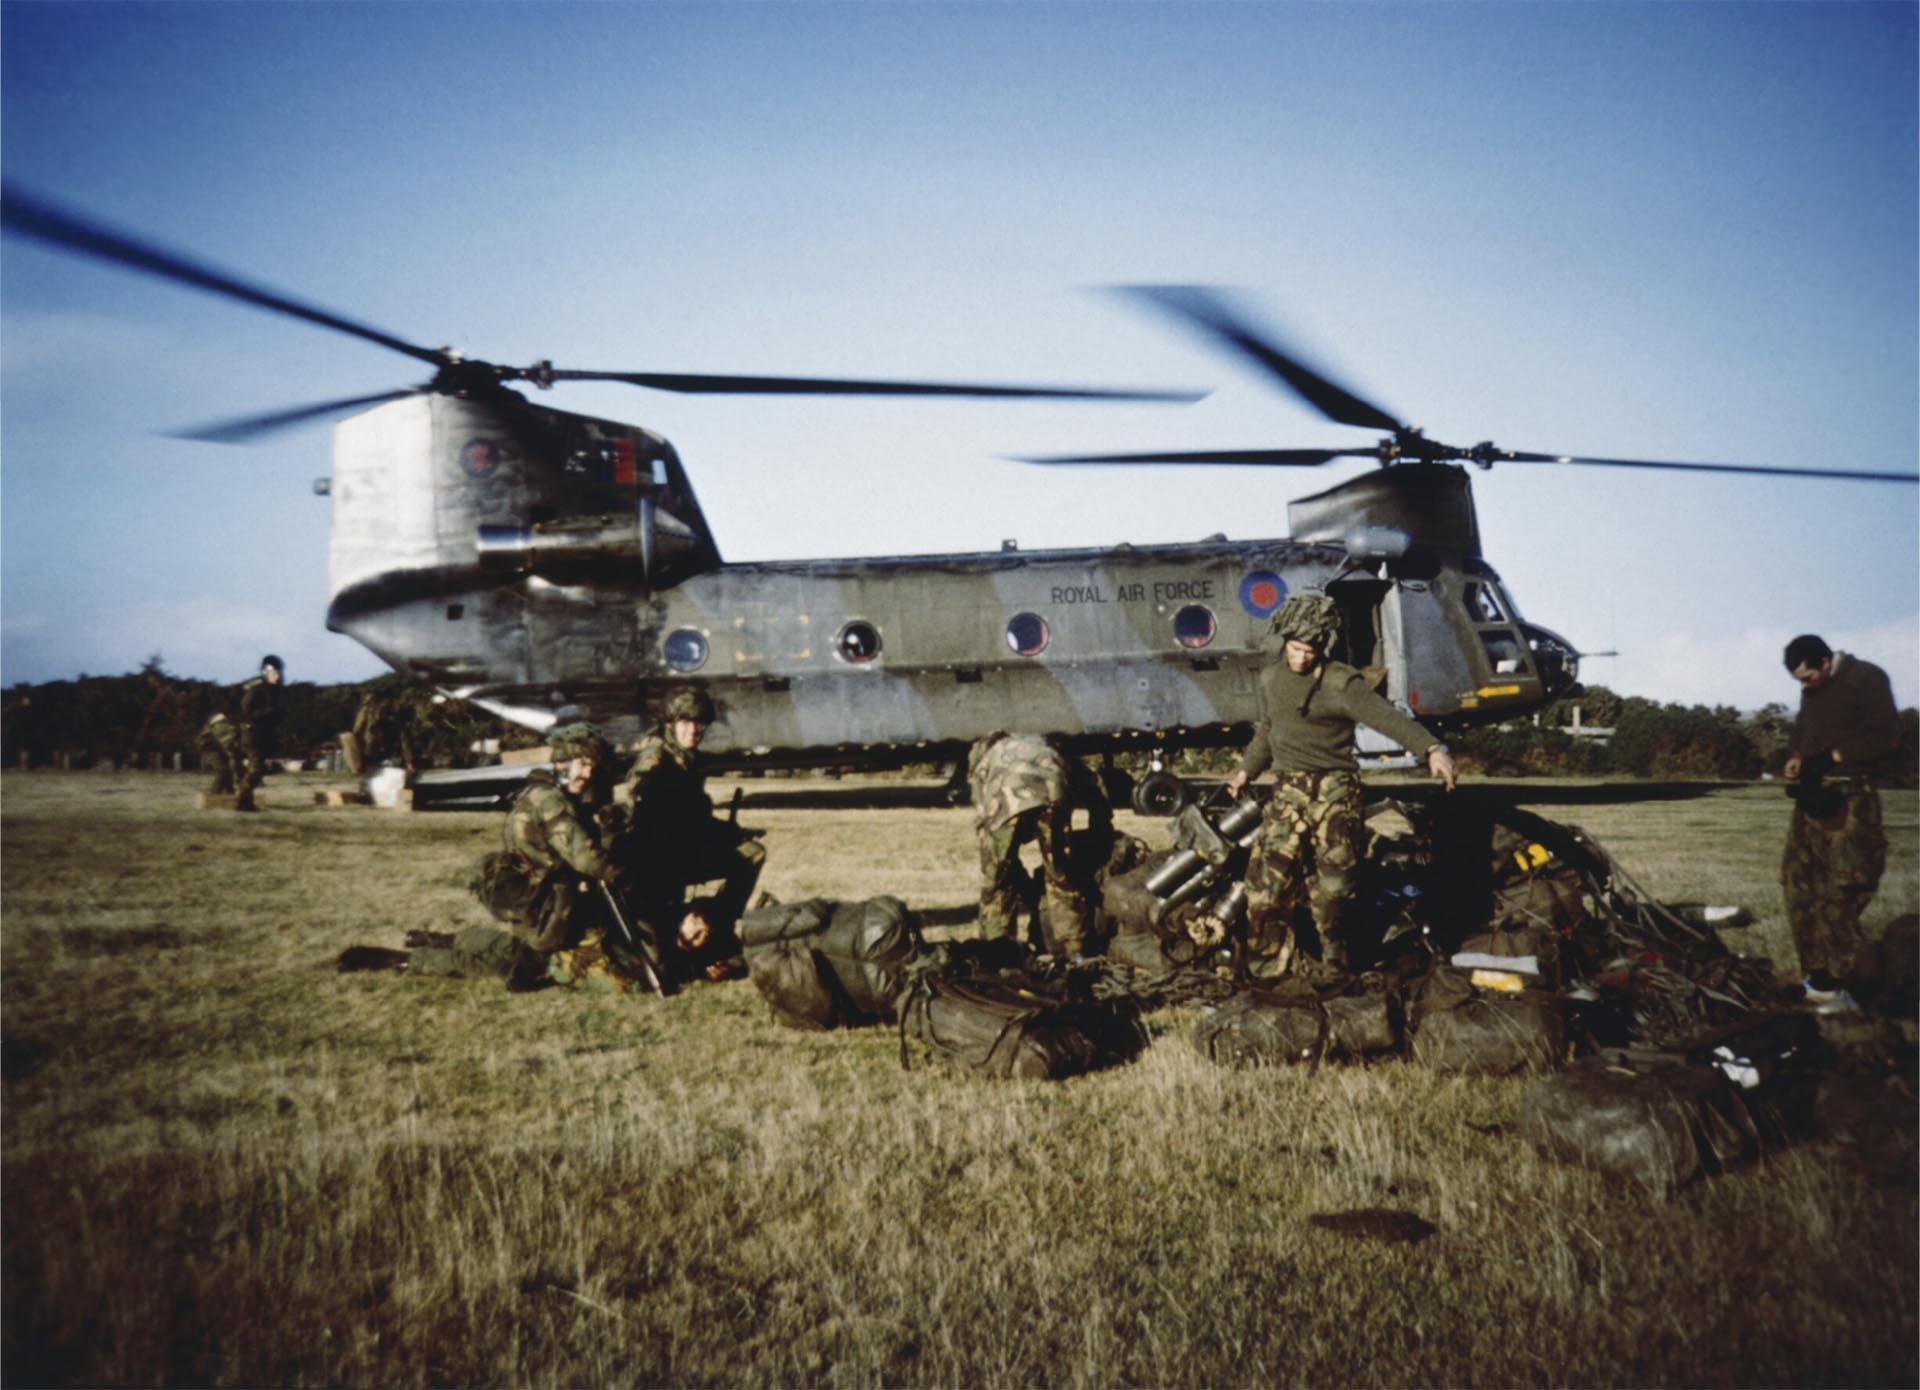 Soldados británicos esperan el visto bueno paratransportar a un prisionero argentino al cuartel general el 29 de mayo de 1982 (Imperial War Museums)